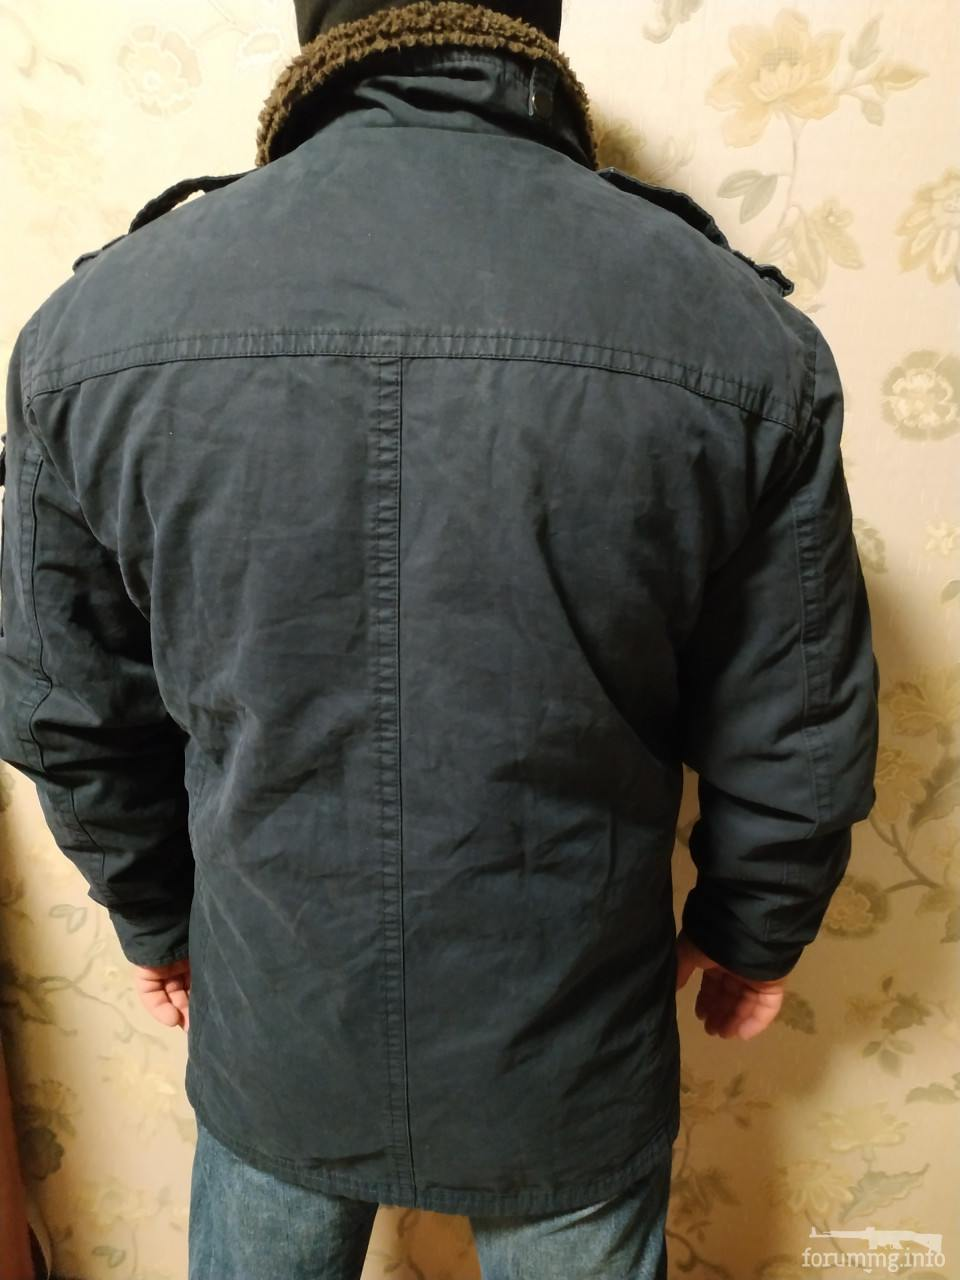 136426 - Тепла куртка в мілітарі стилі